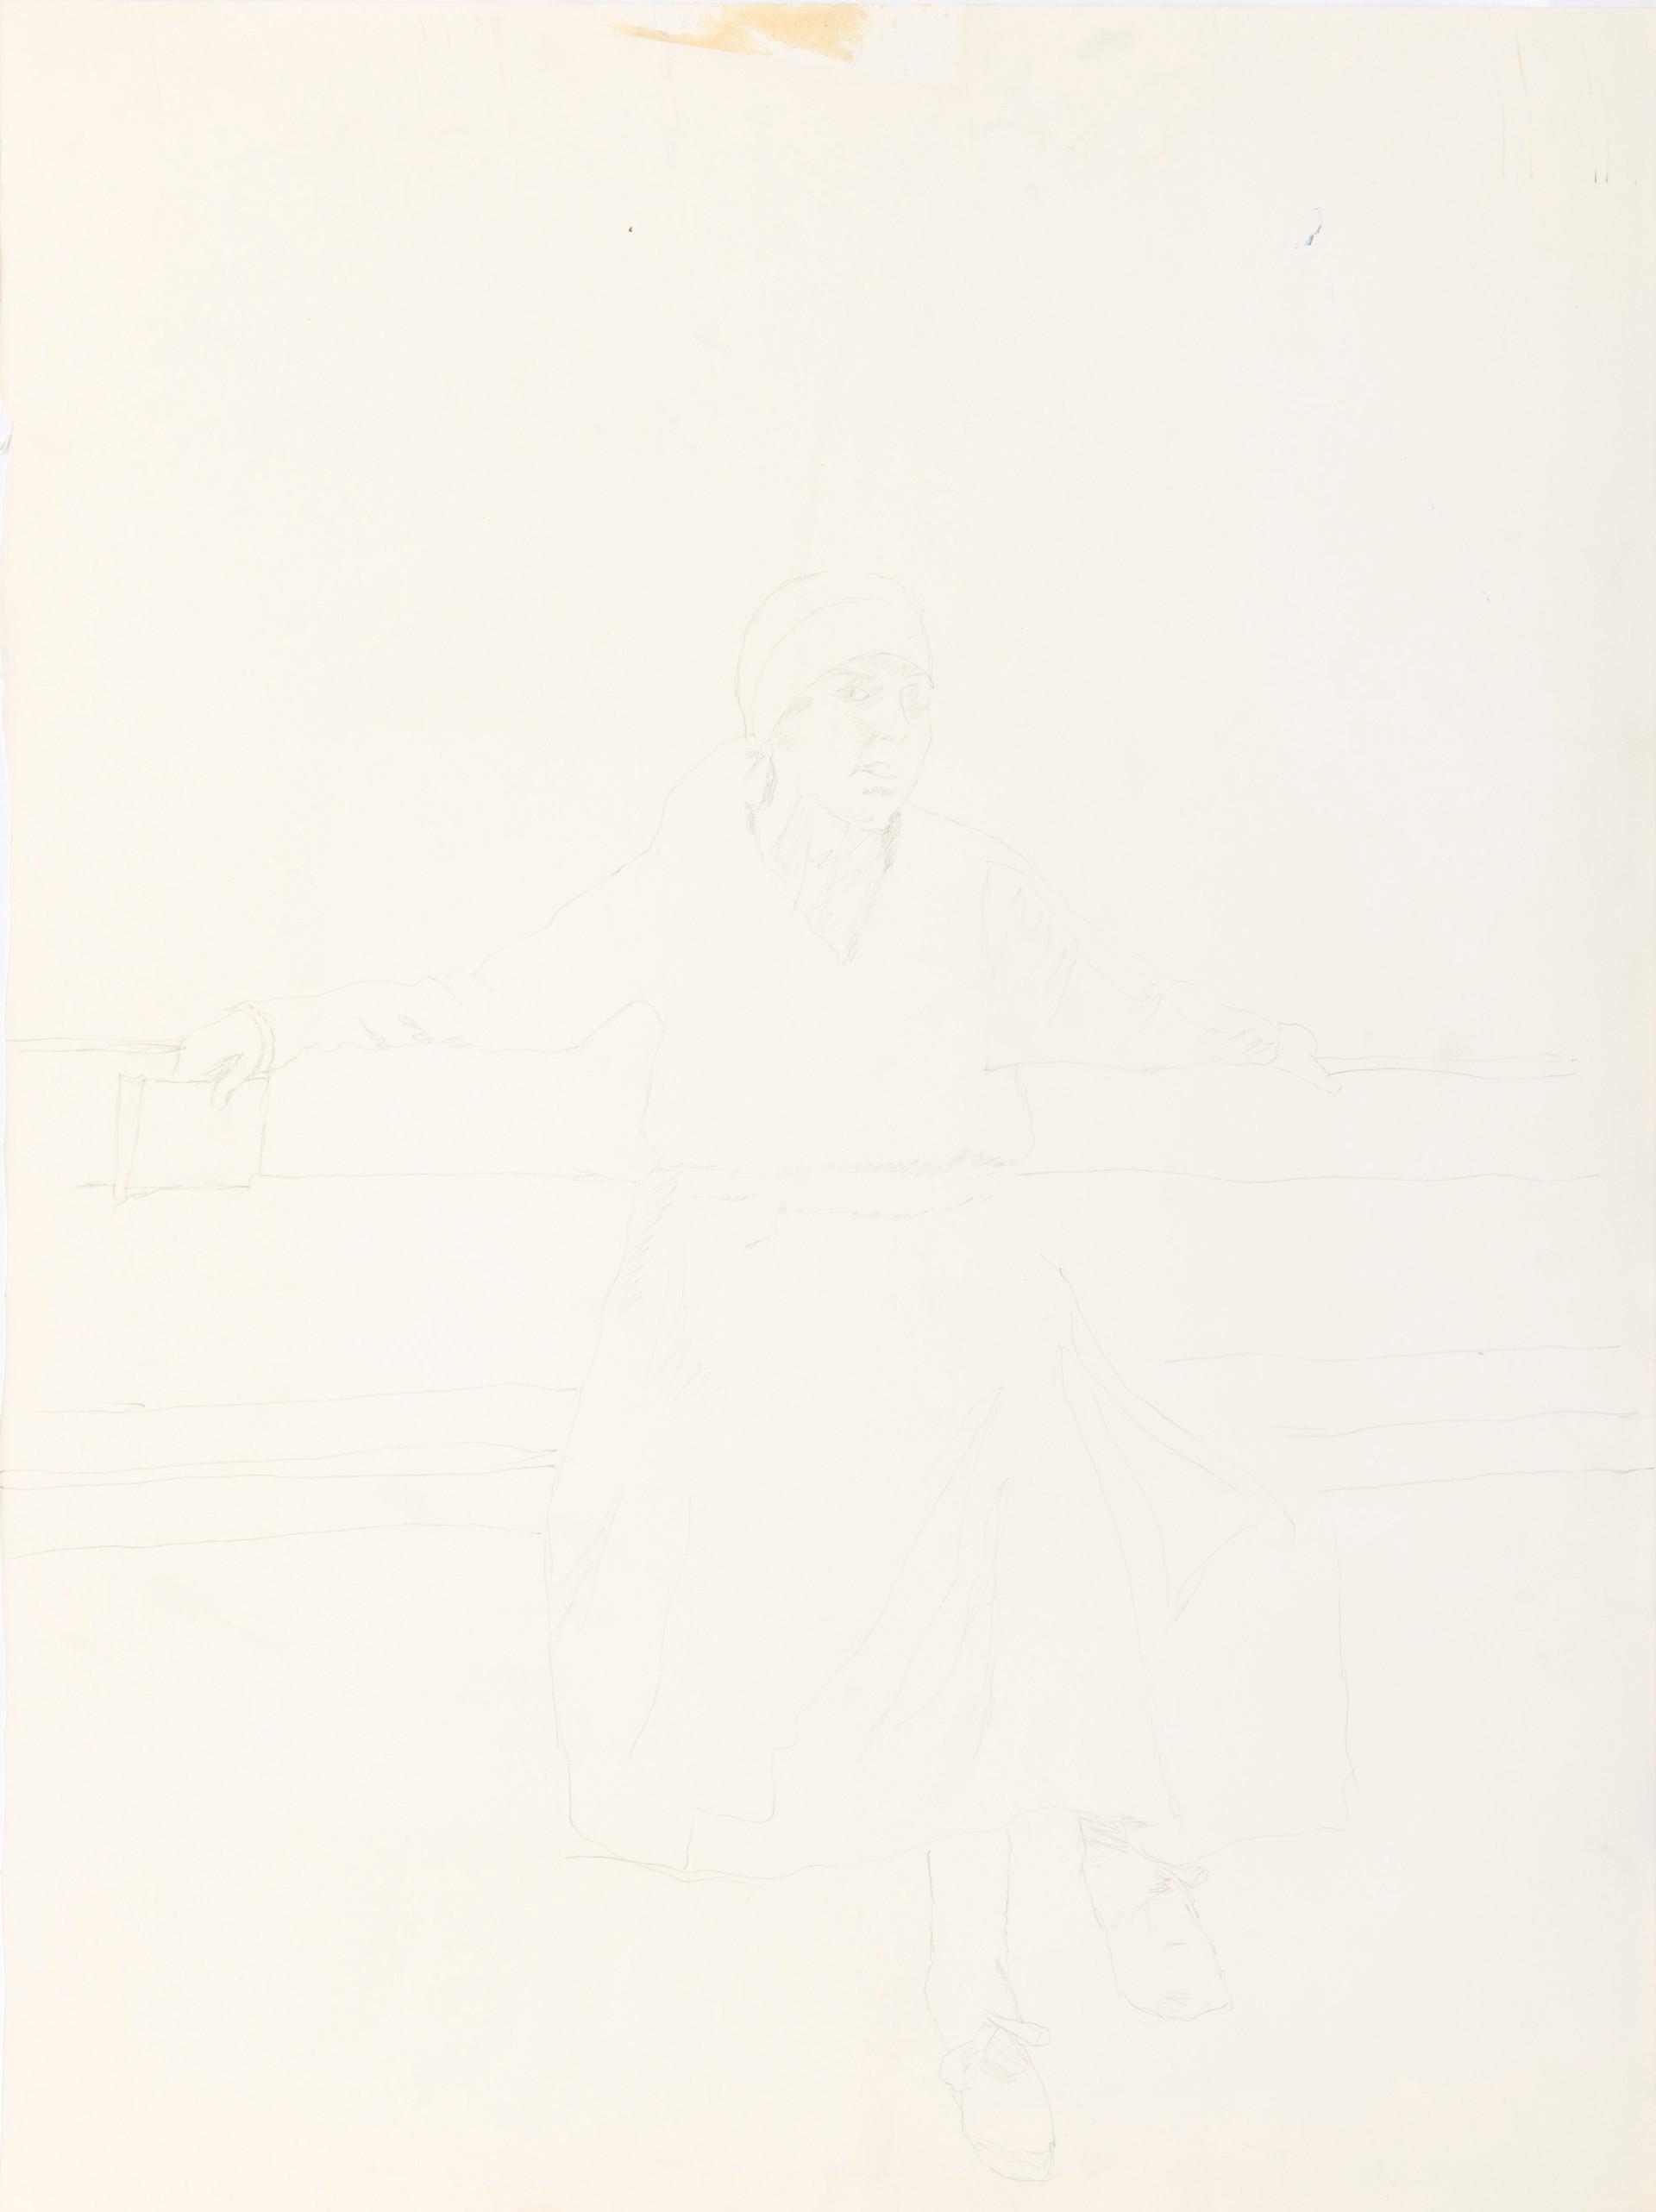 Sketch for Rózsa Vilma (3)